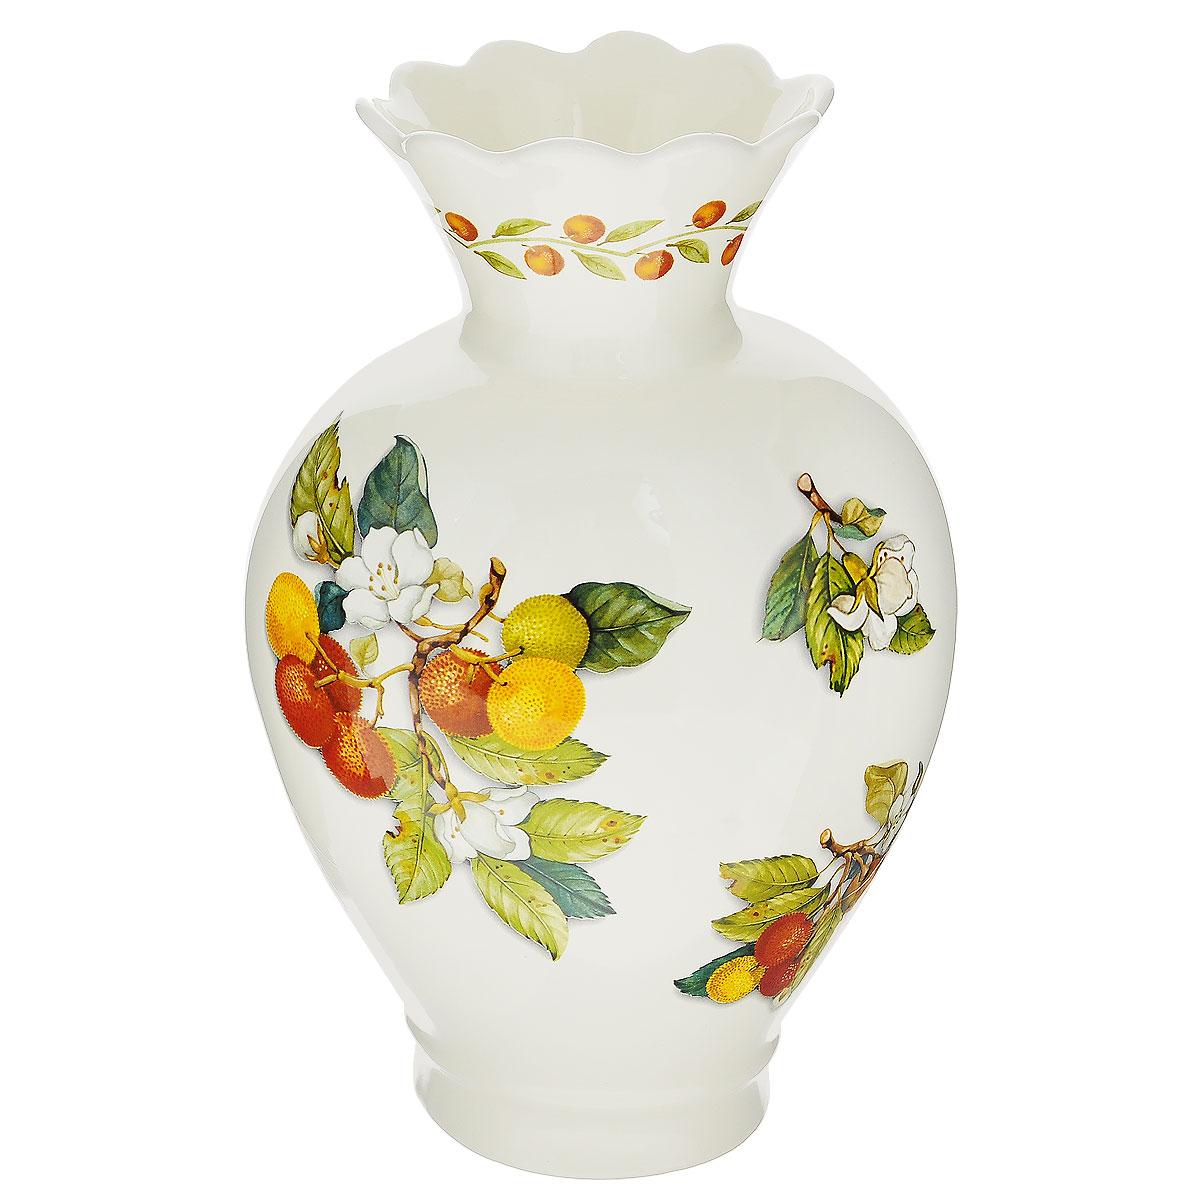 Ваза для цветов Nuova Cer Итальянские фрукты, высота 31 смFS-91909Ваза для цветов Nuova Cer Итальянские фрукты изготовлена из высококачественной керамики и украшена красочным изображением фруктов. Такая оригинальная ваза прекрасно оформит интерьер дома, офиса или дачи. Подойдет как для декора, так и в качестве вазы для цветов. Высота вазы: 31 см.Размер по верхнему краю: 12,5 см х 10,5 см.Размер основания: 10,5 см х 10 см.Общий размер вазы: 20 см х 14,5 см х 31 см.